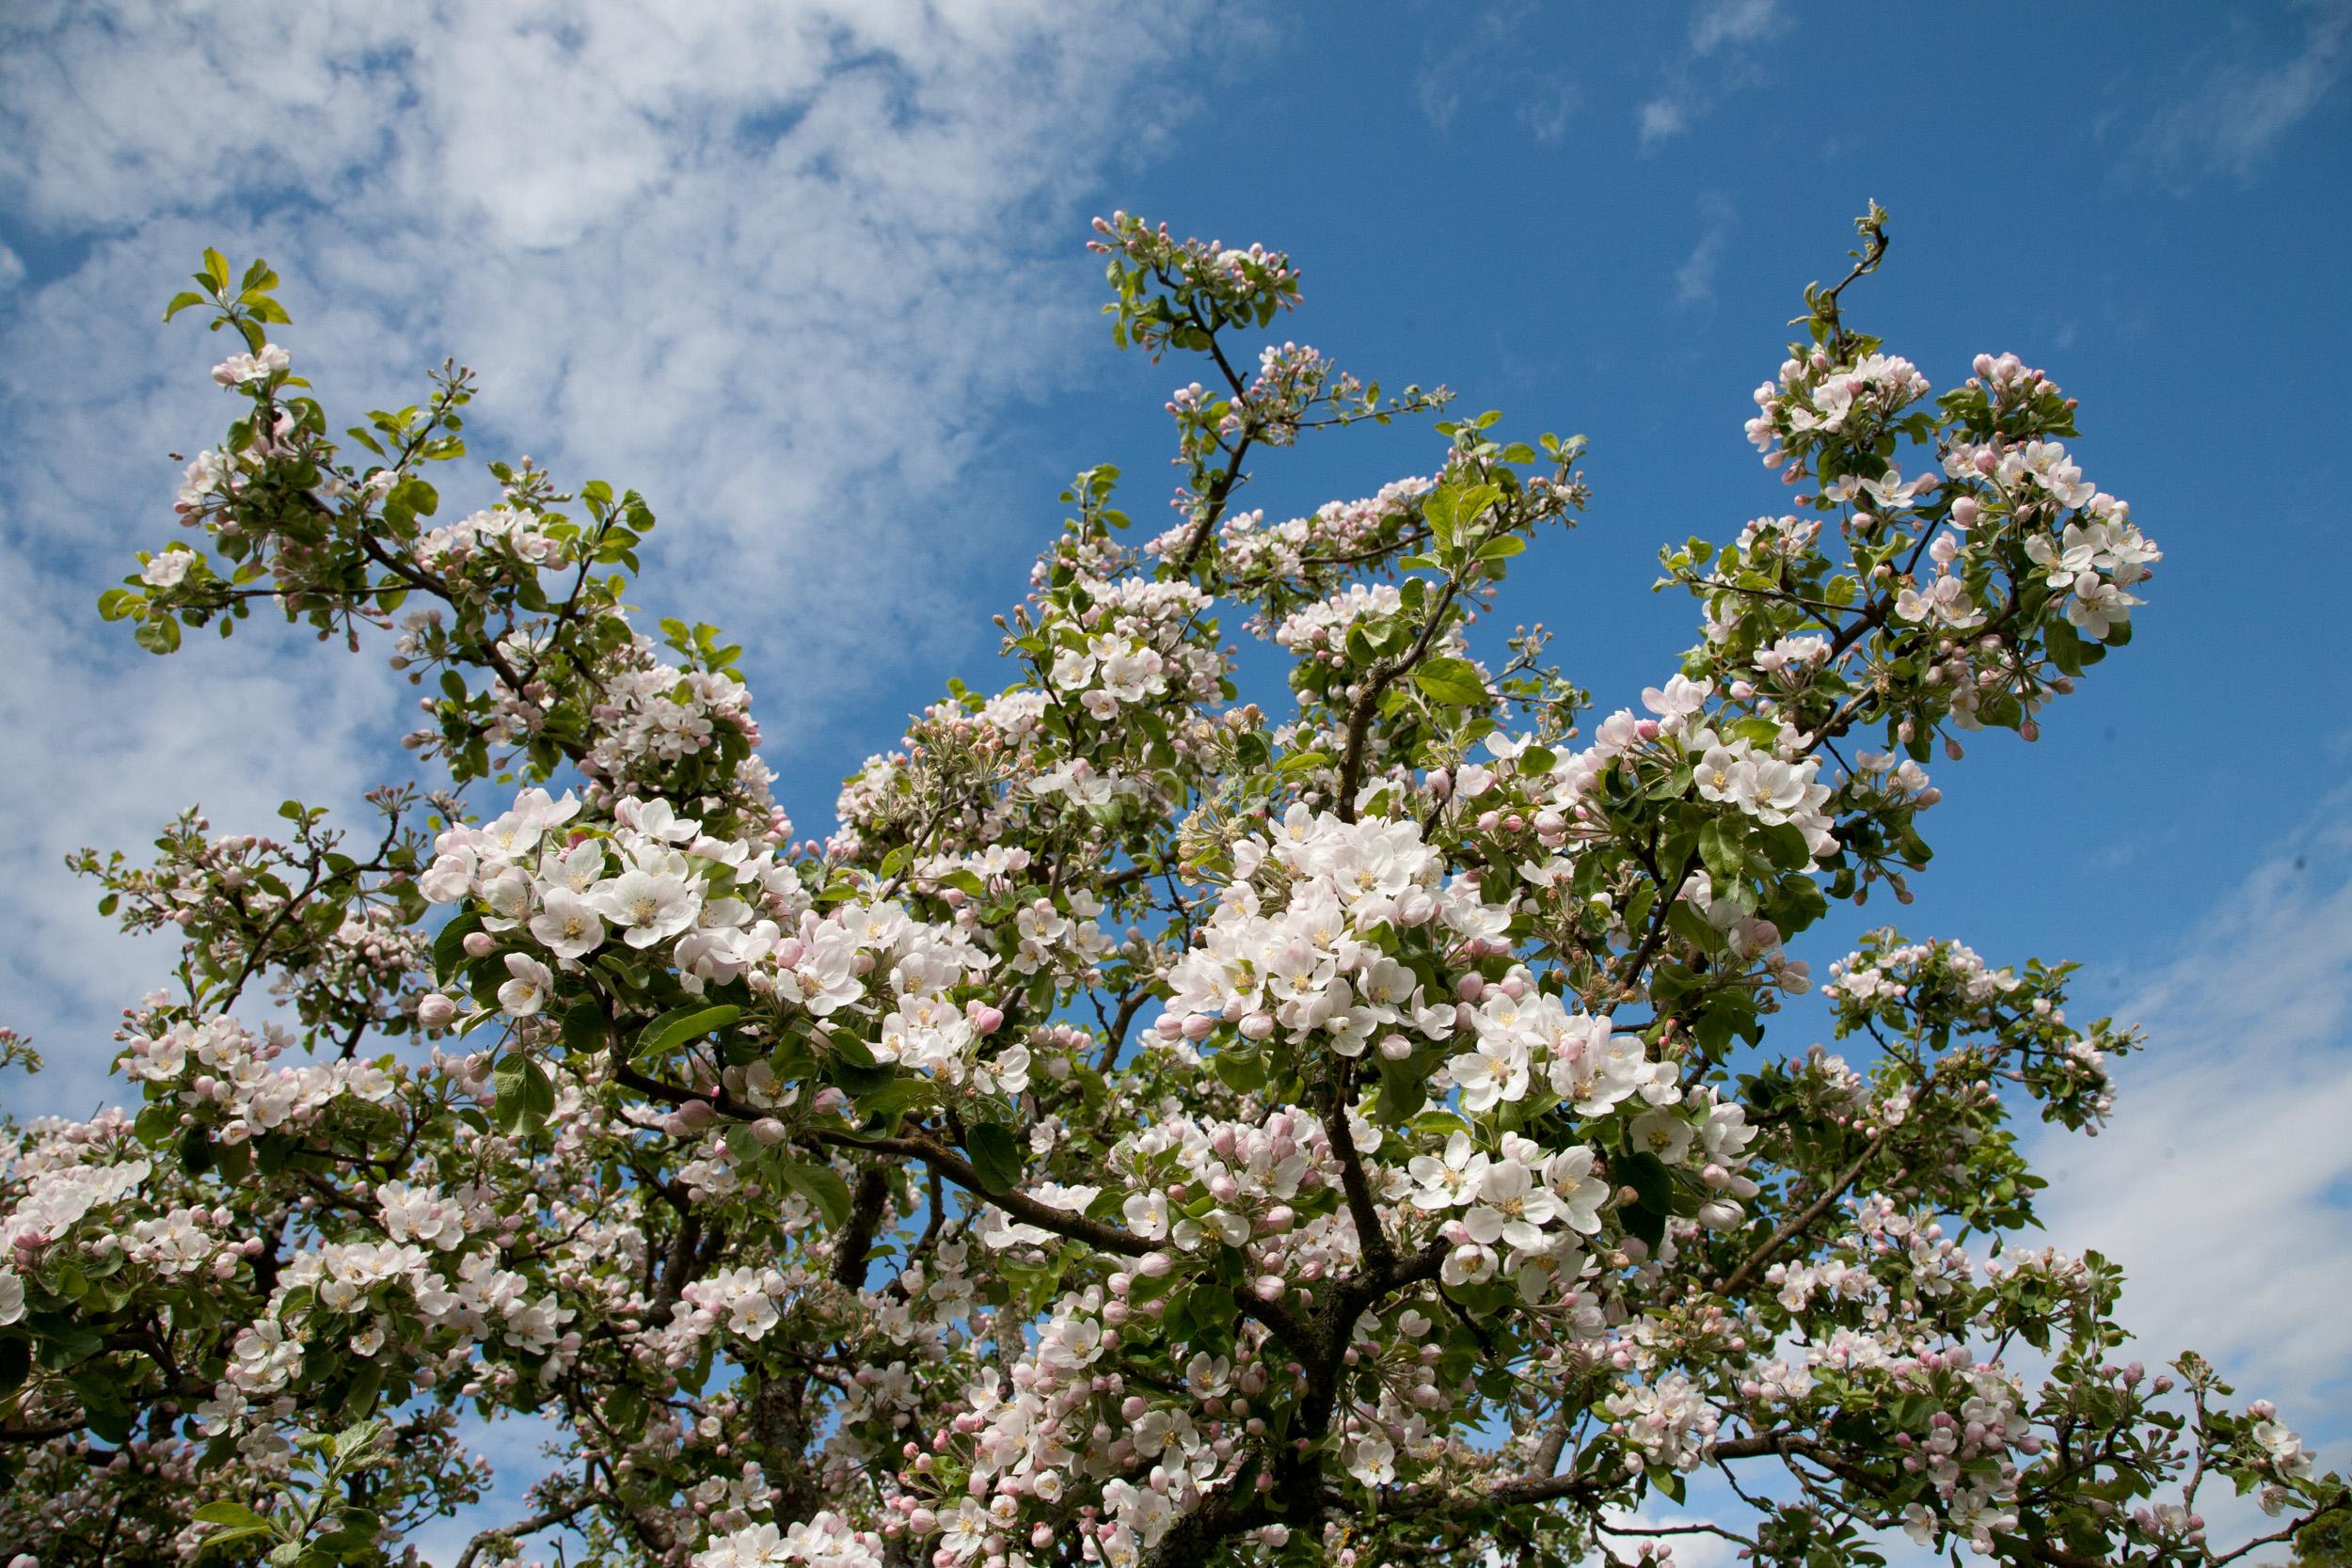 JE_73486, Blommande äppelblom, Jonas Engström